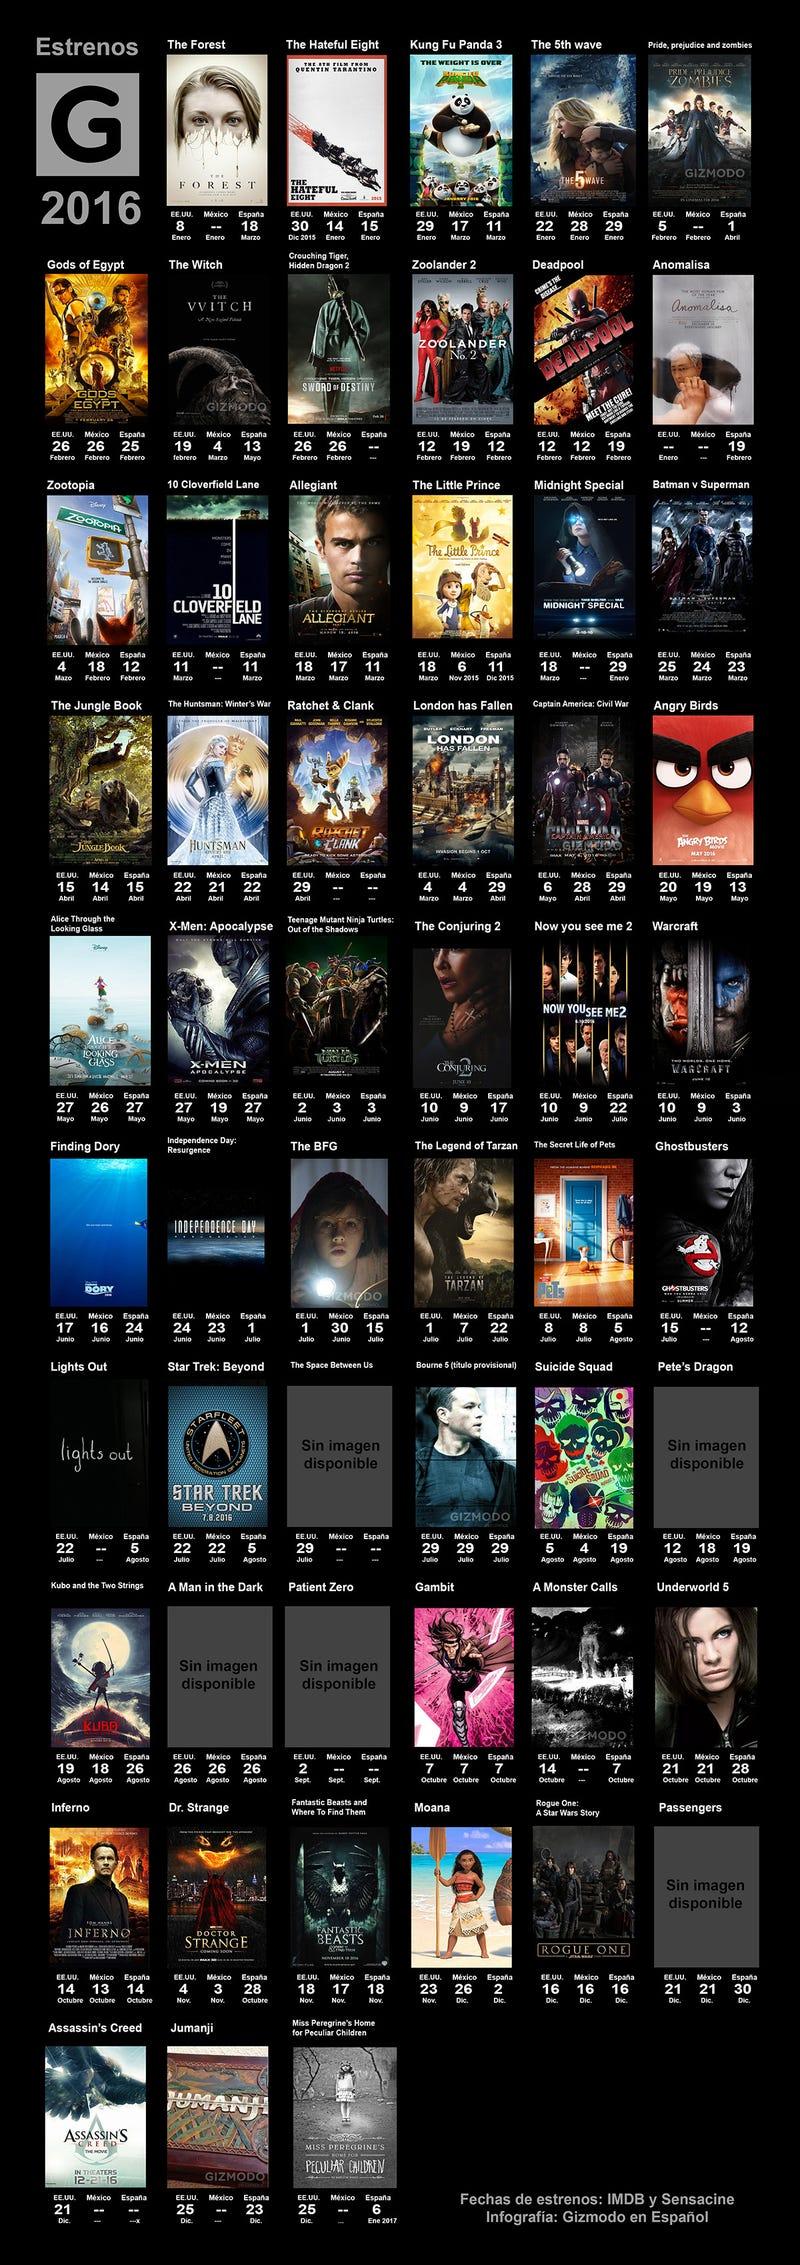 Los principales estrenos de 2016, en una imagen